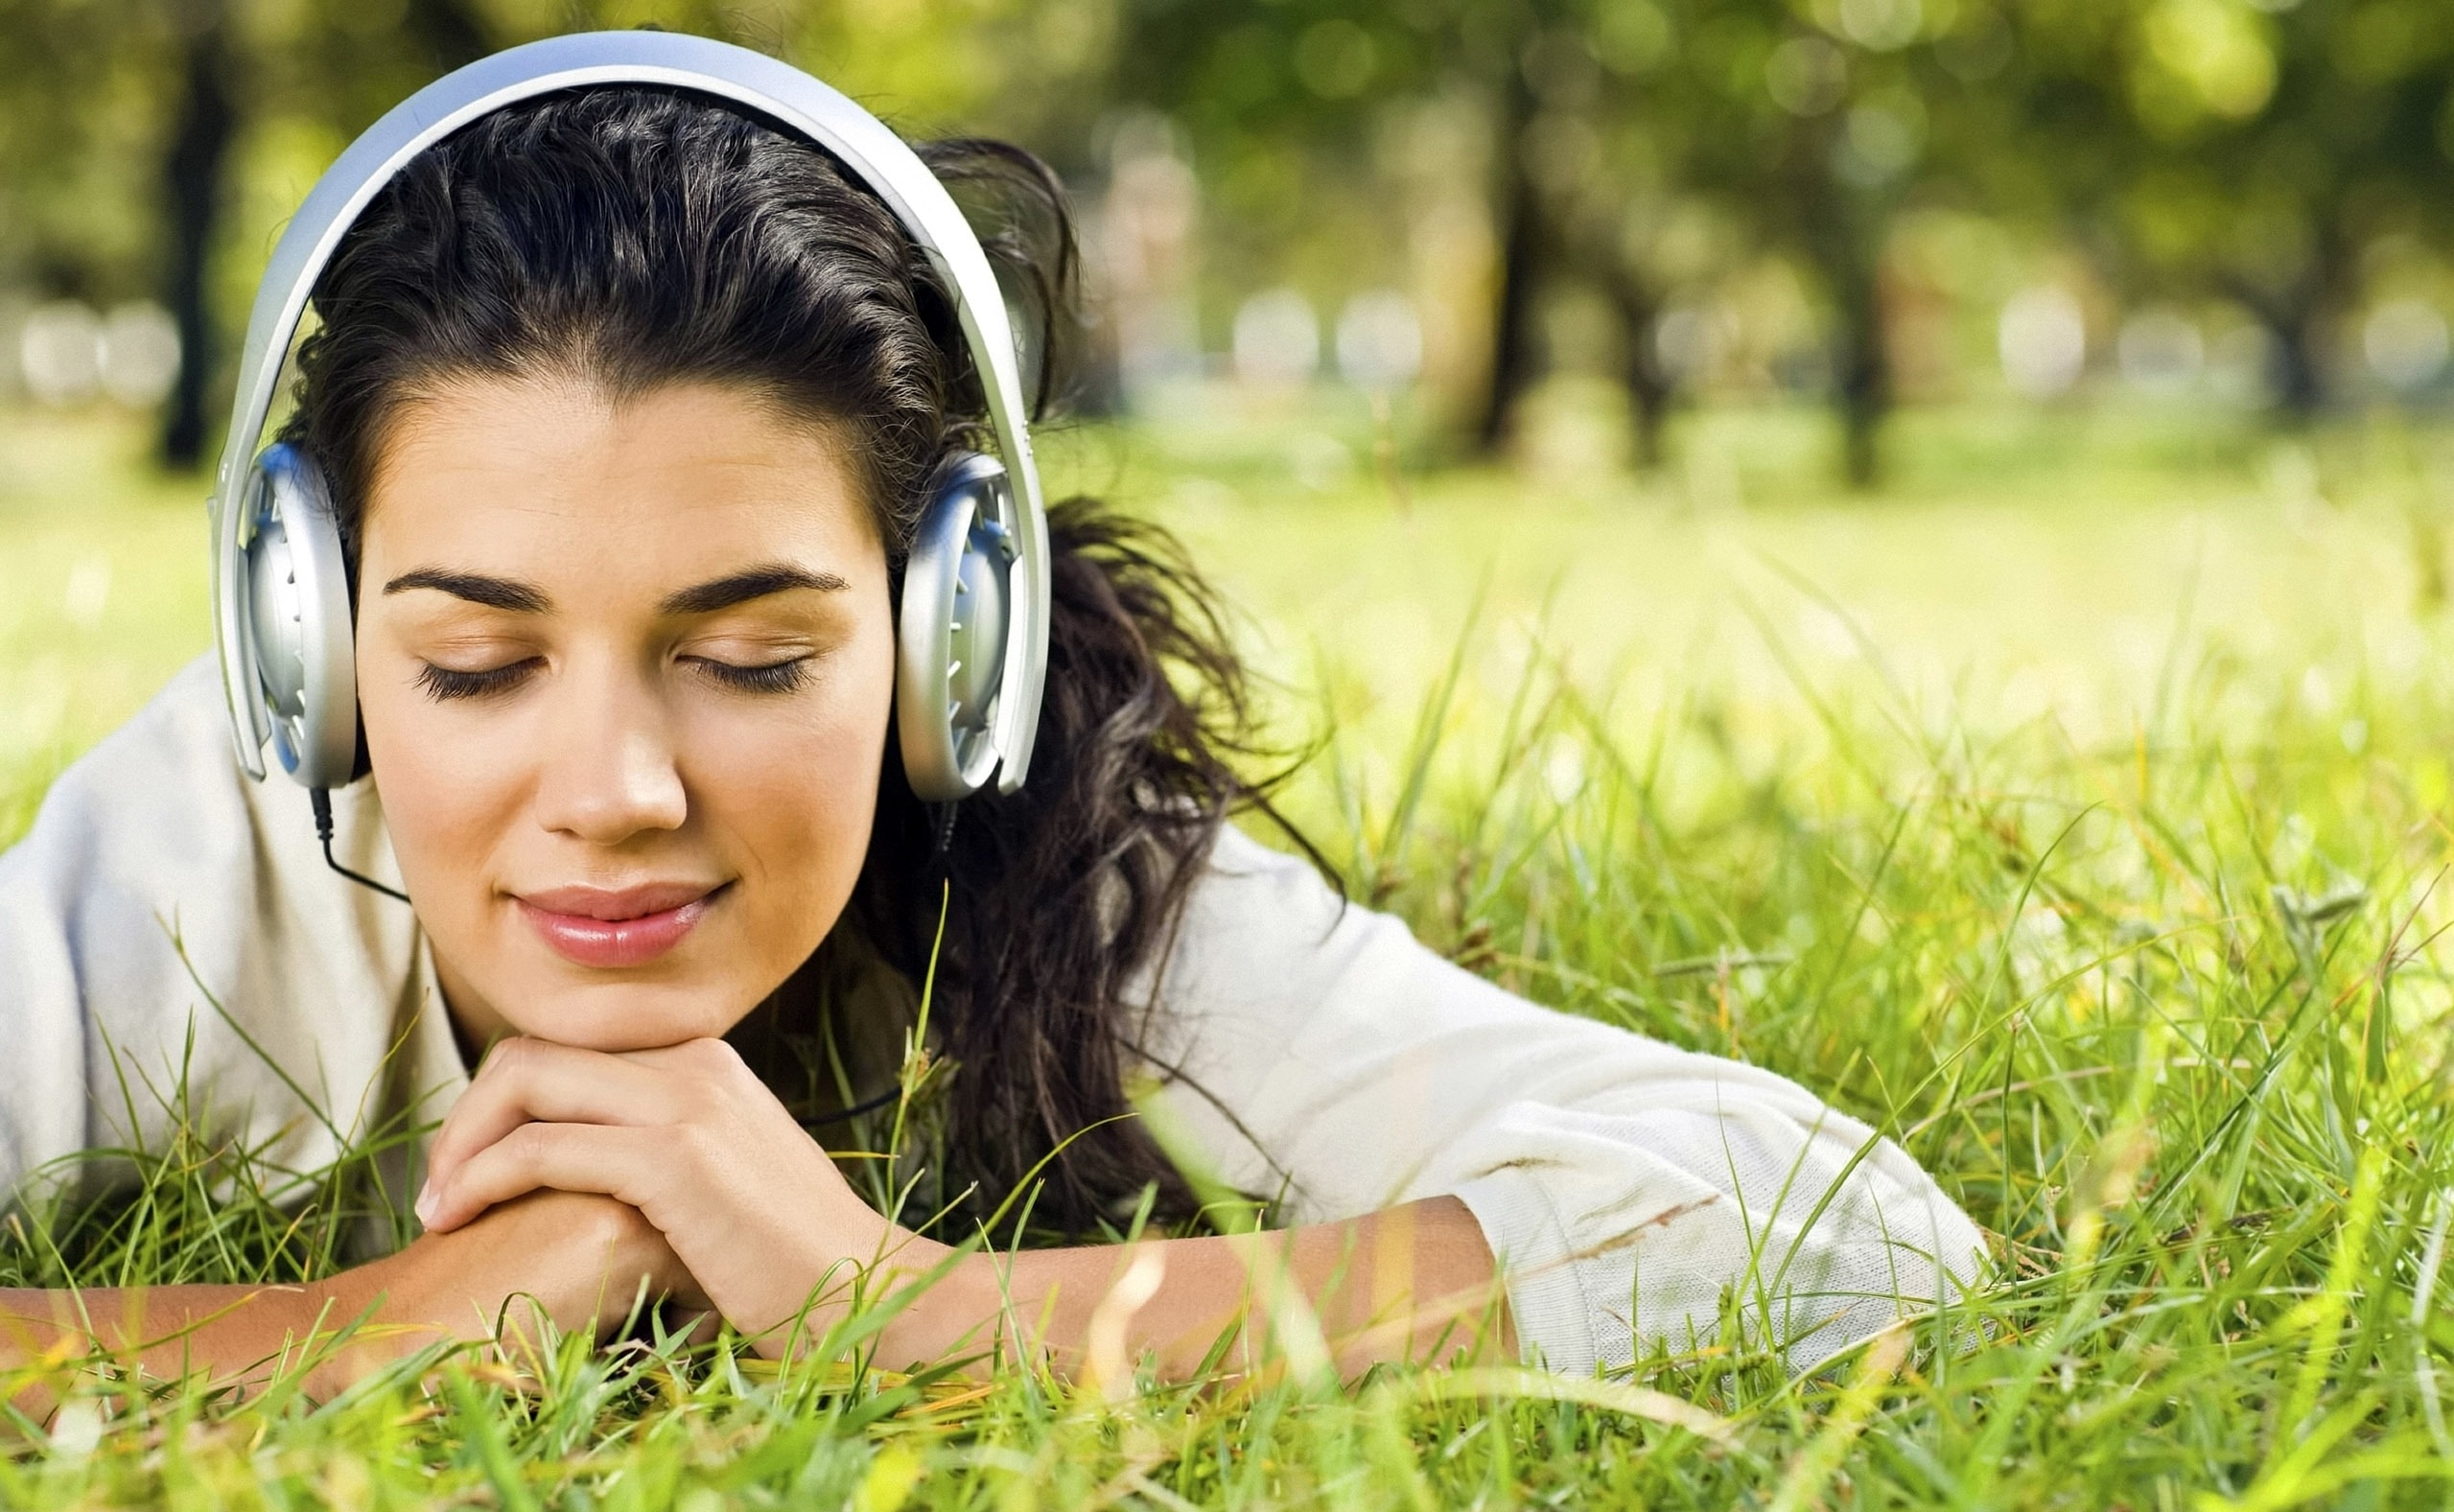 Воздействие  любимой музыки намозг пояснили  учёные